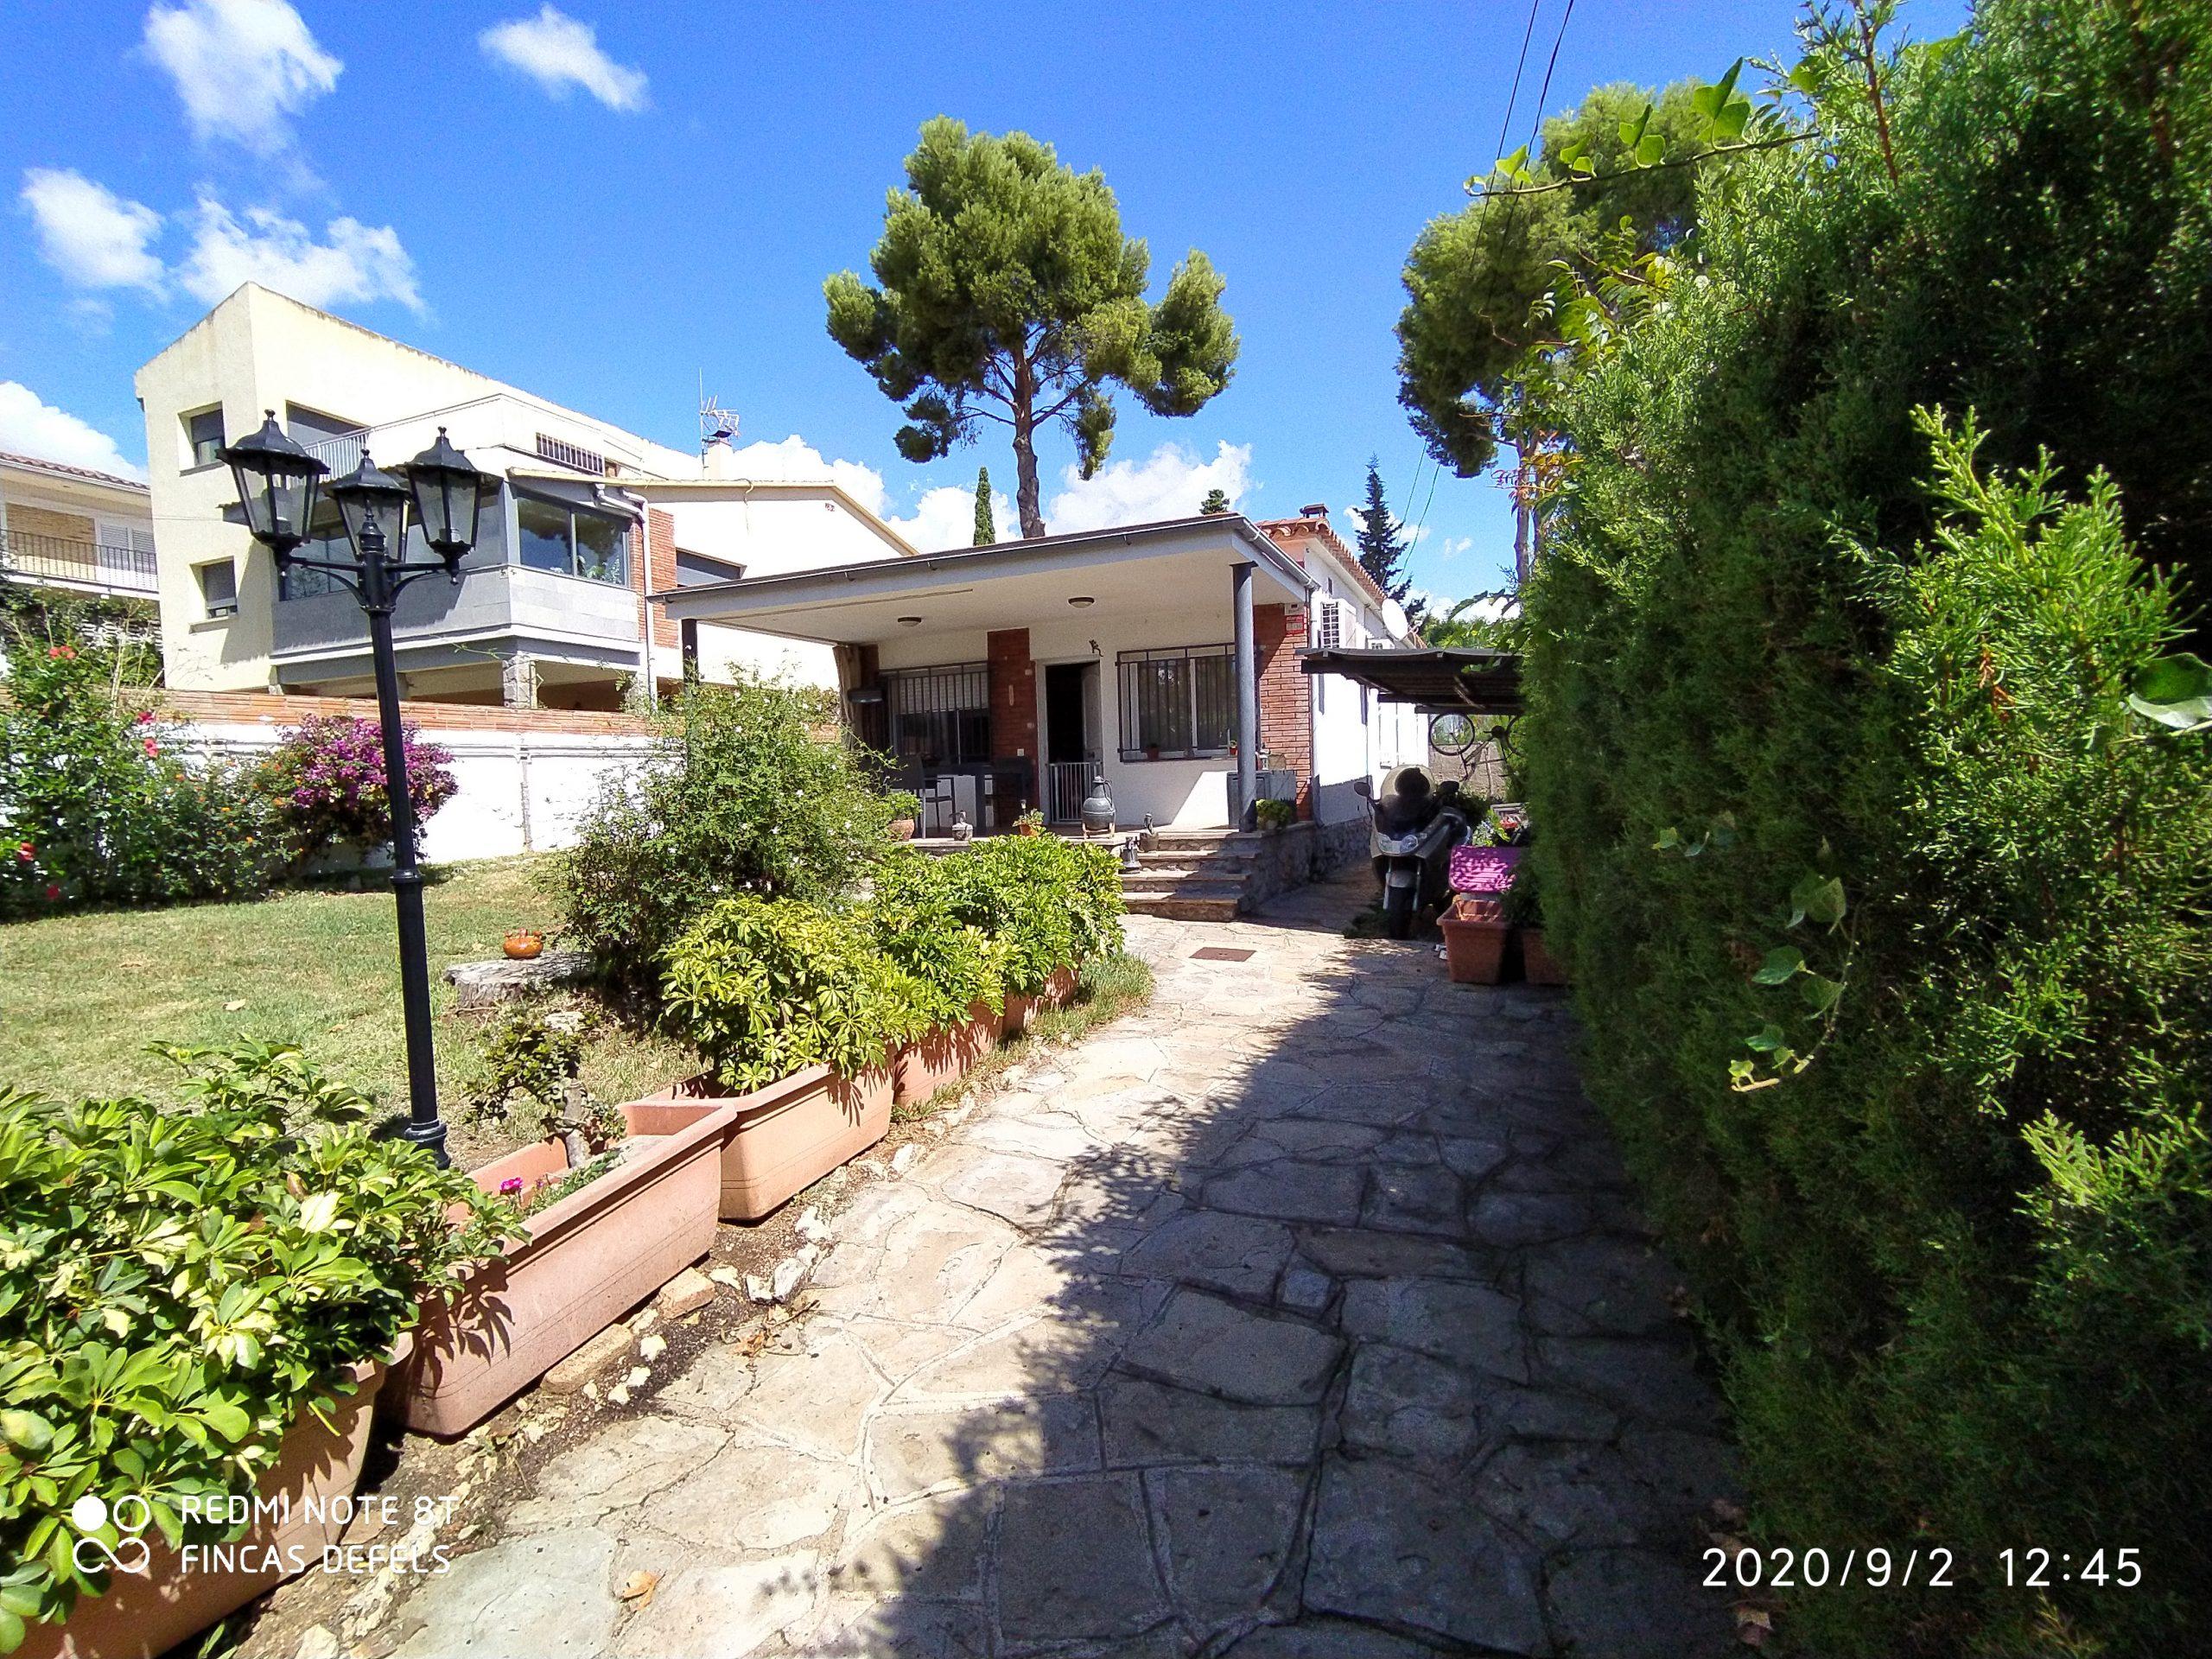 vive y sueña en mejor ubicación en Montmar